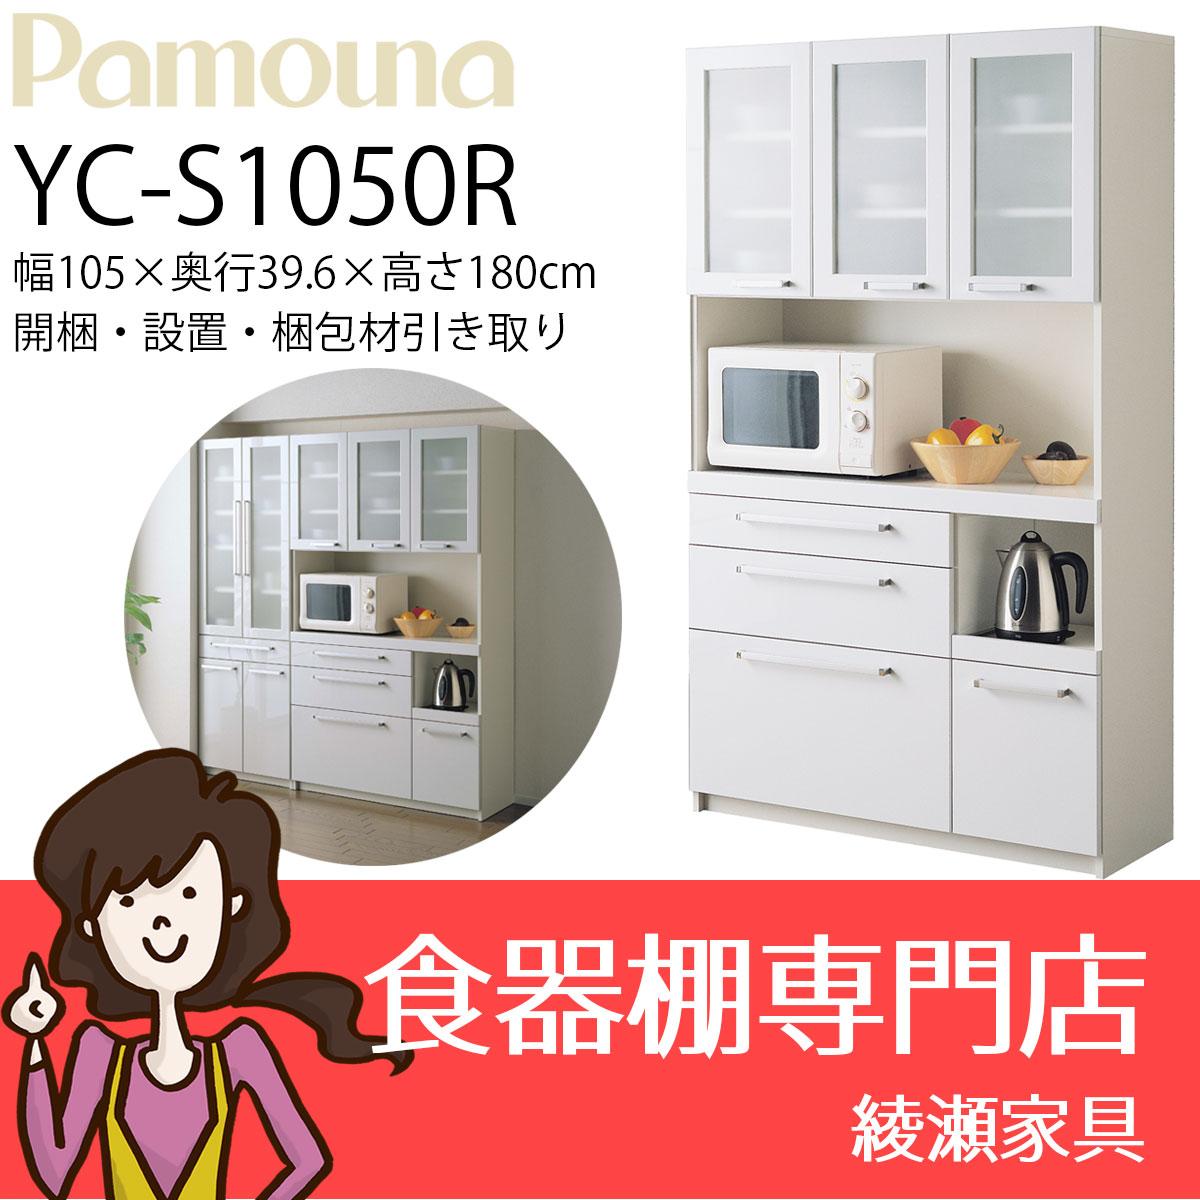 YC-S1050R 【本州、四国は開梱設置無料】 パモウナ YC 食器棚 家電ボード 幅105×高さ180cm プレーンホワイト YC-S1050R パモウナ 頑丈食器棚 パモウナ食器棚